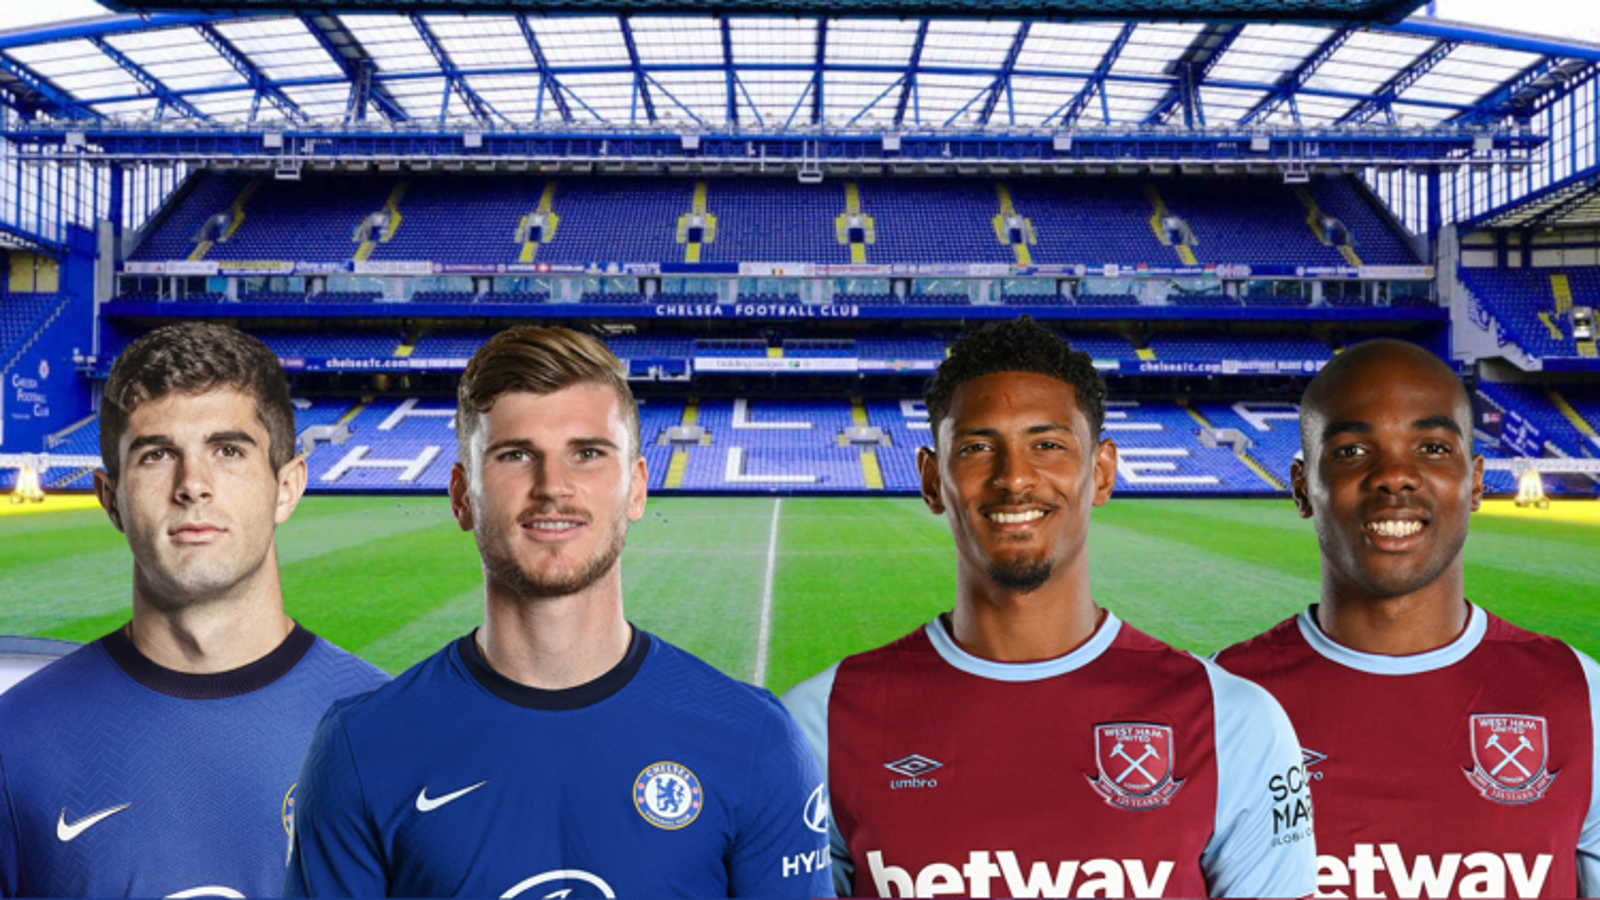 Thông tin lực lượng, dự đoán tỷ số Chelsea - West Ham